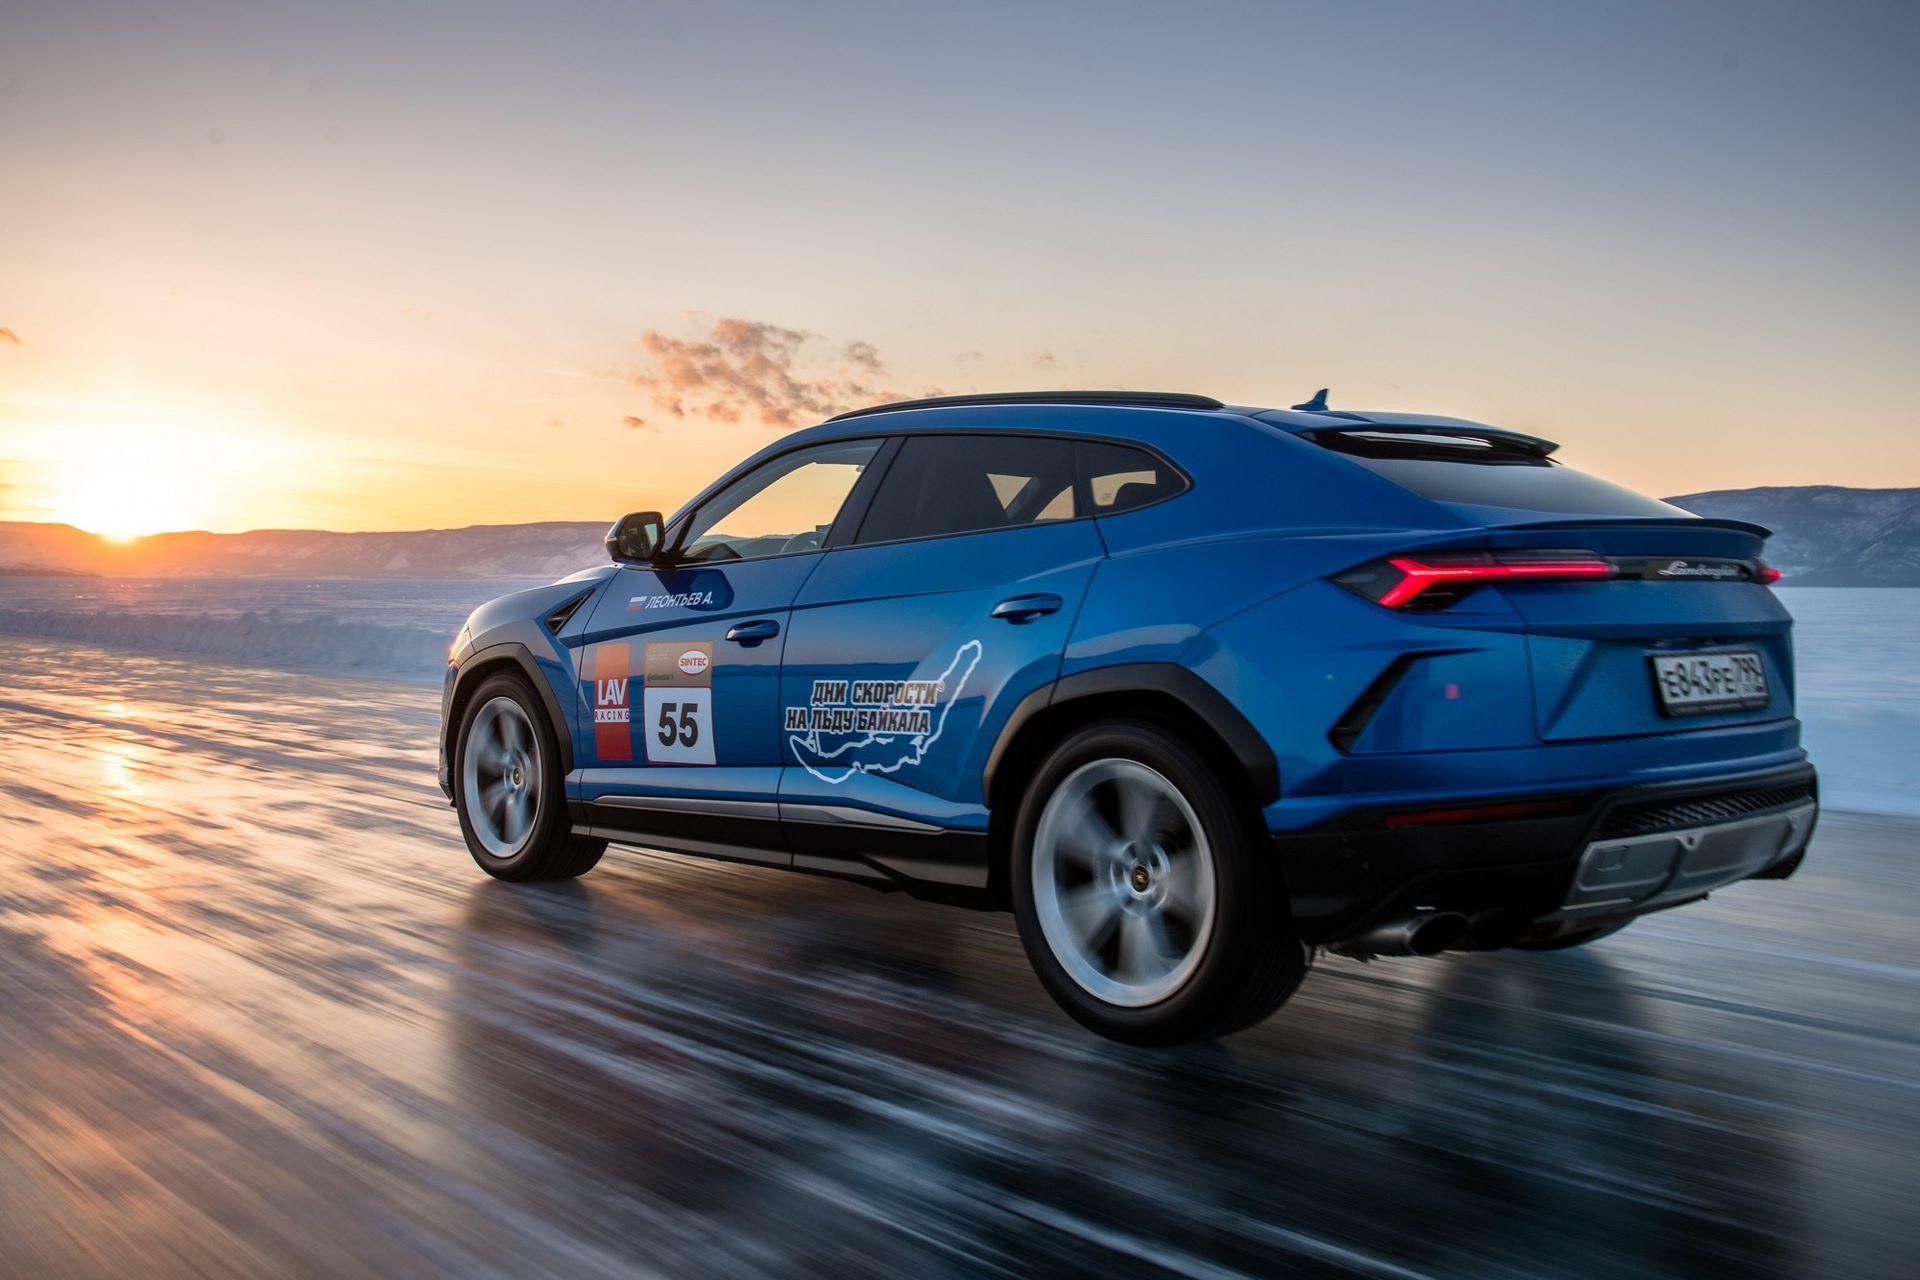 Lamborghini-Urus-Ice-Speed-Record-6